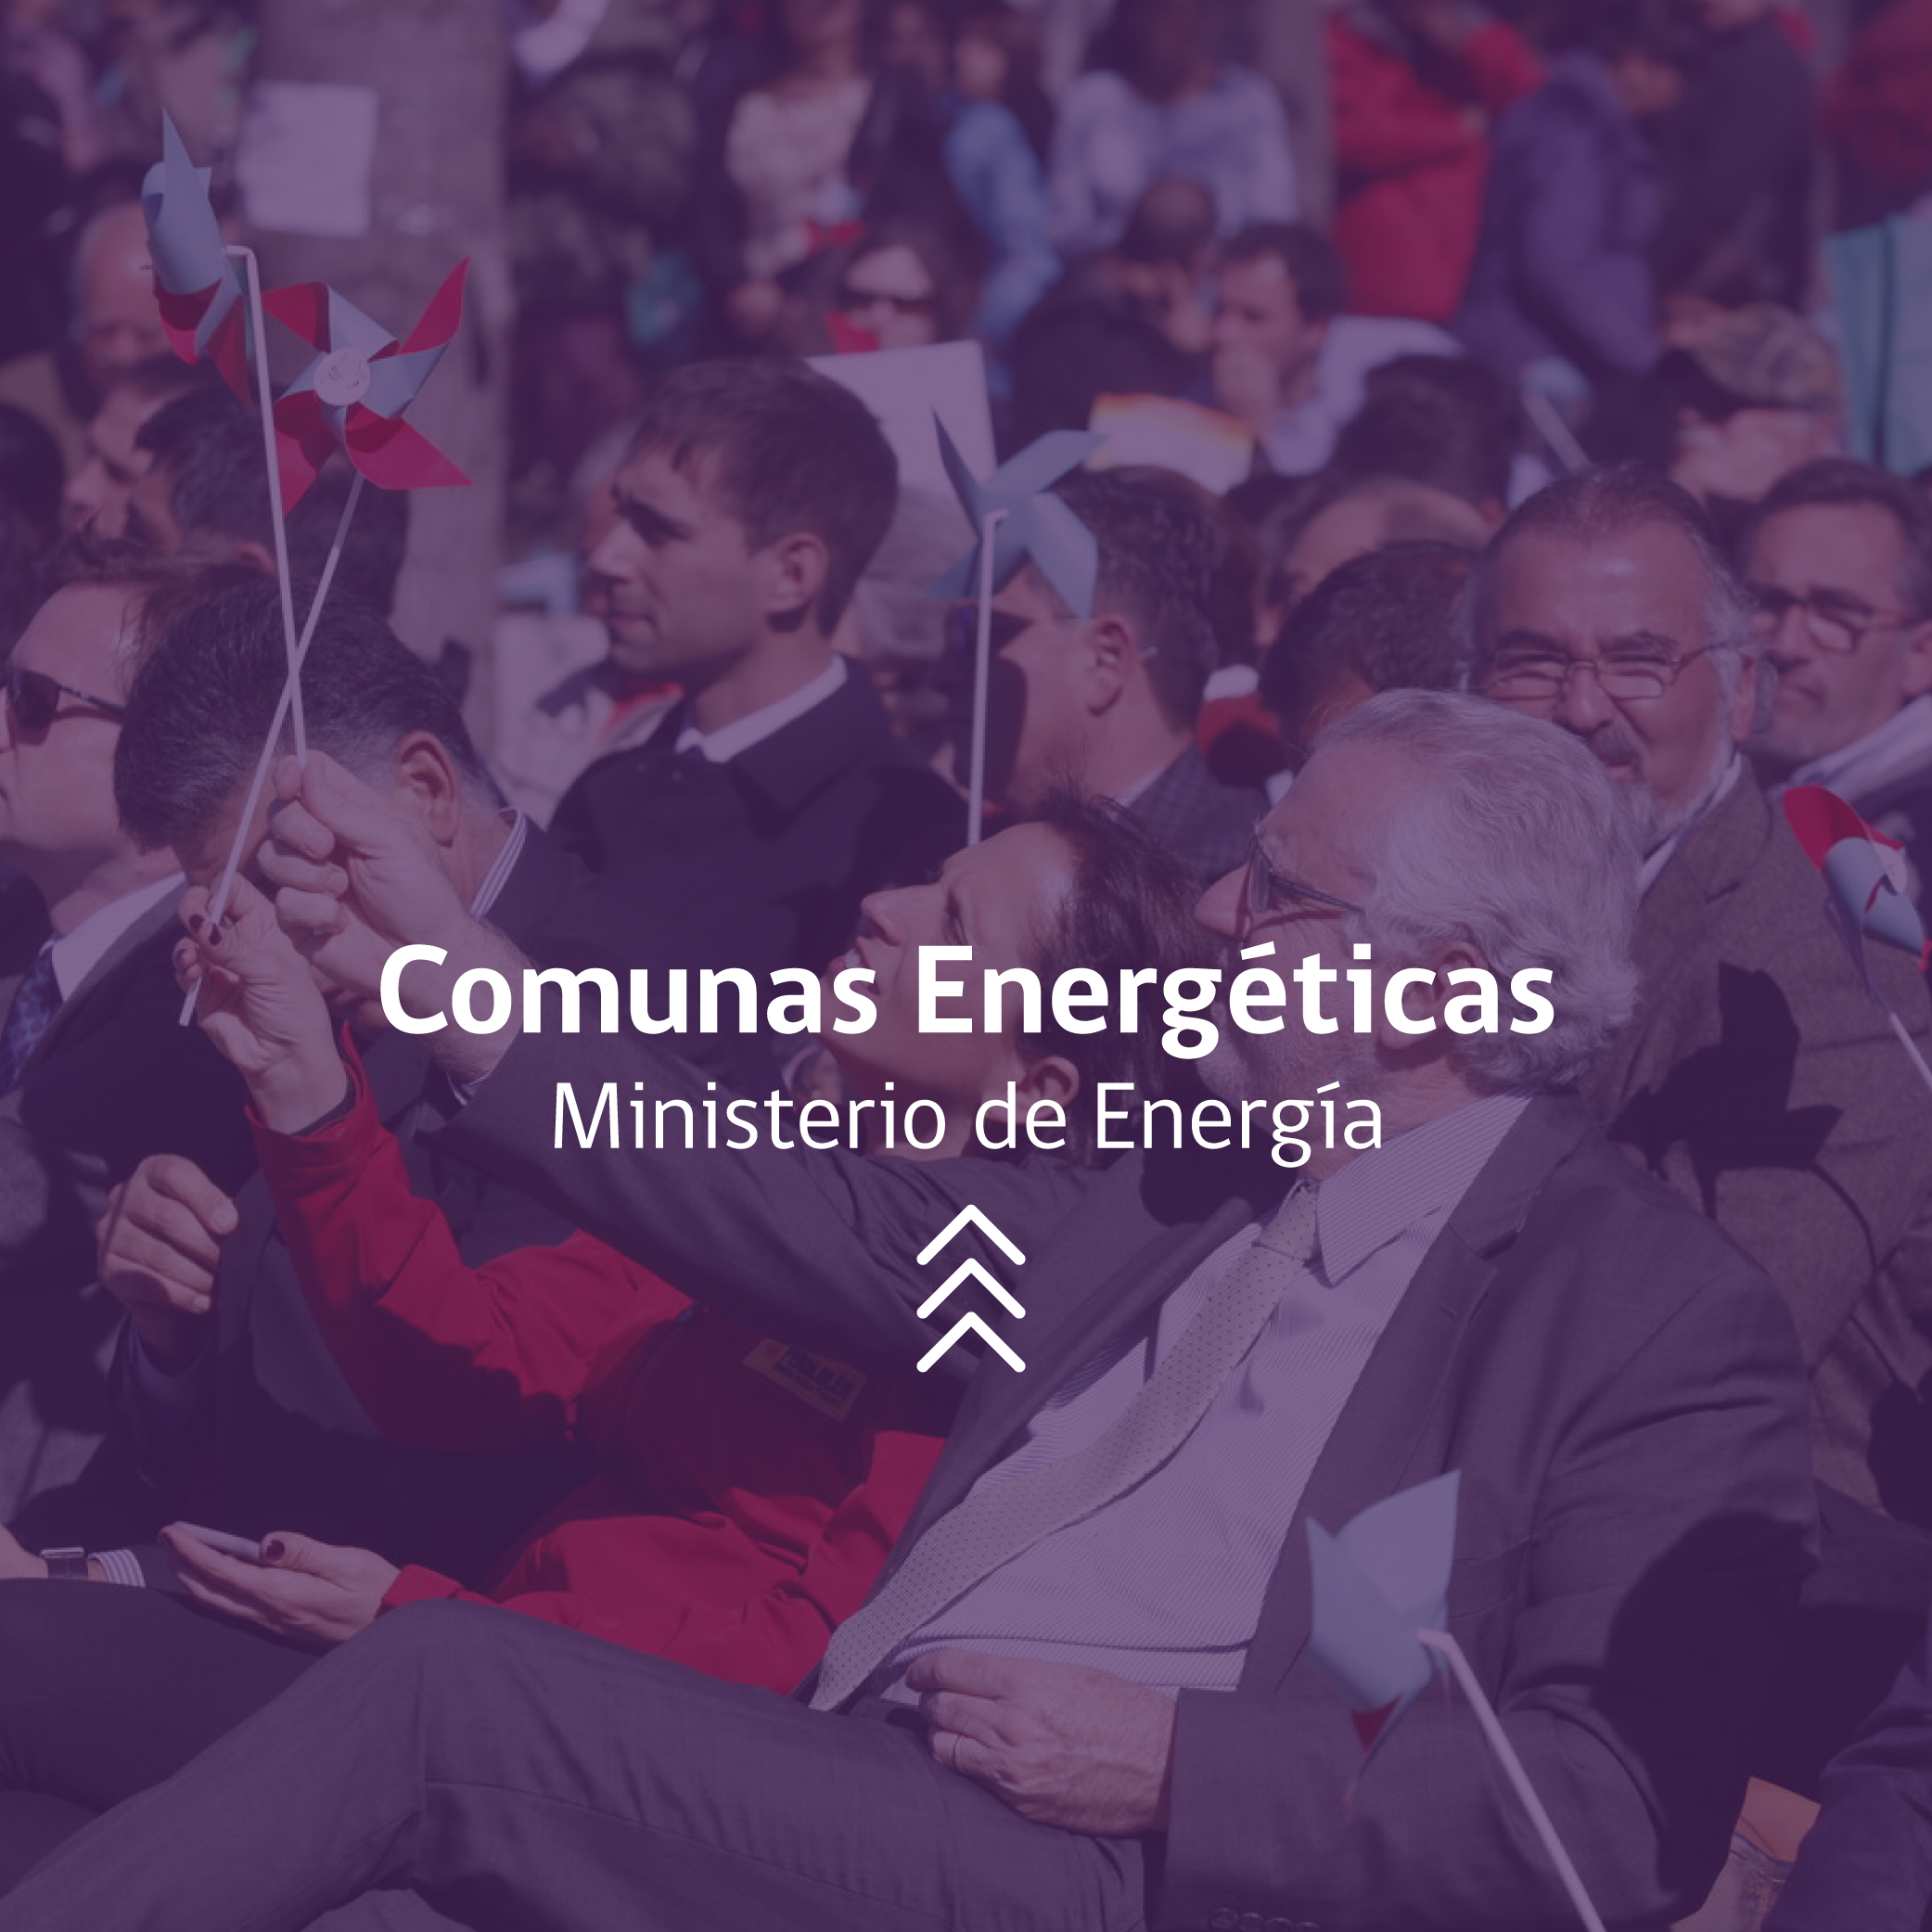 Comunas Energéticas Ministerio de Energía Chile Evento